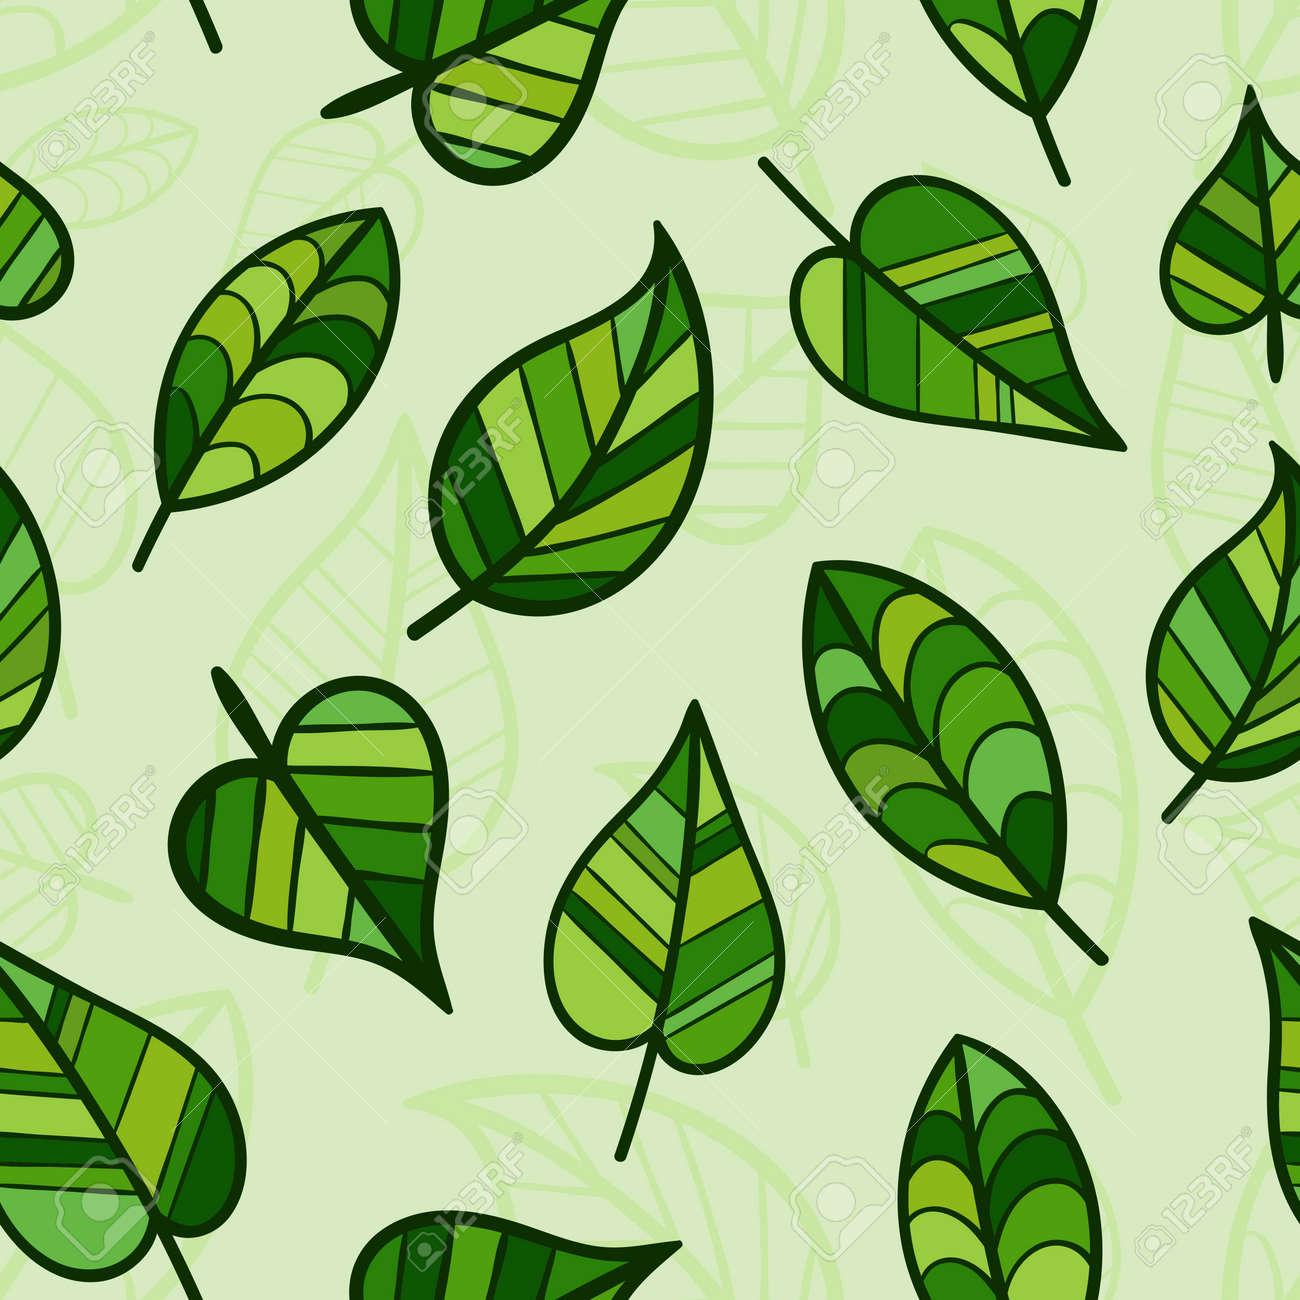 Patrón De Primavera Sin Costuras Con Hojas De Color Verde Brillante ...